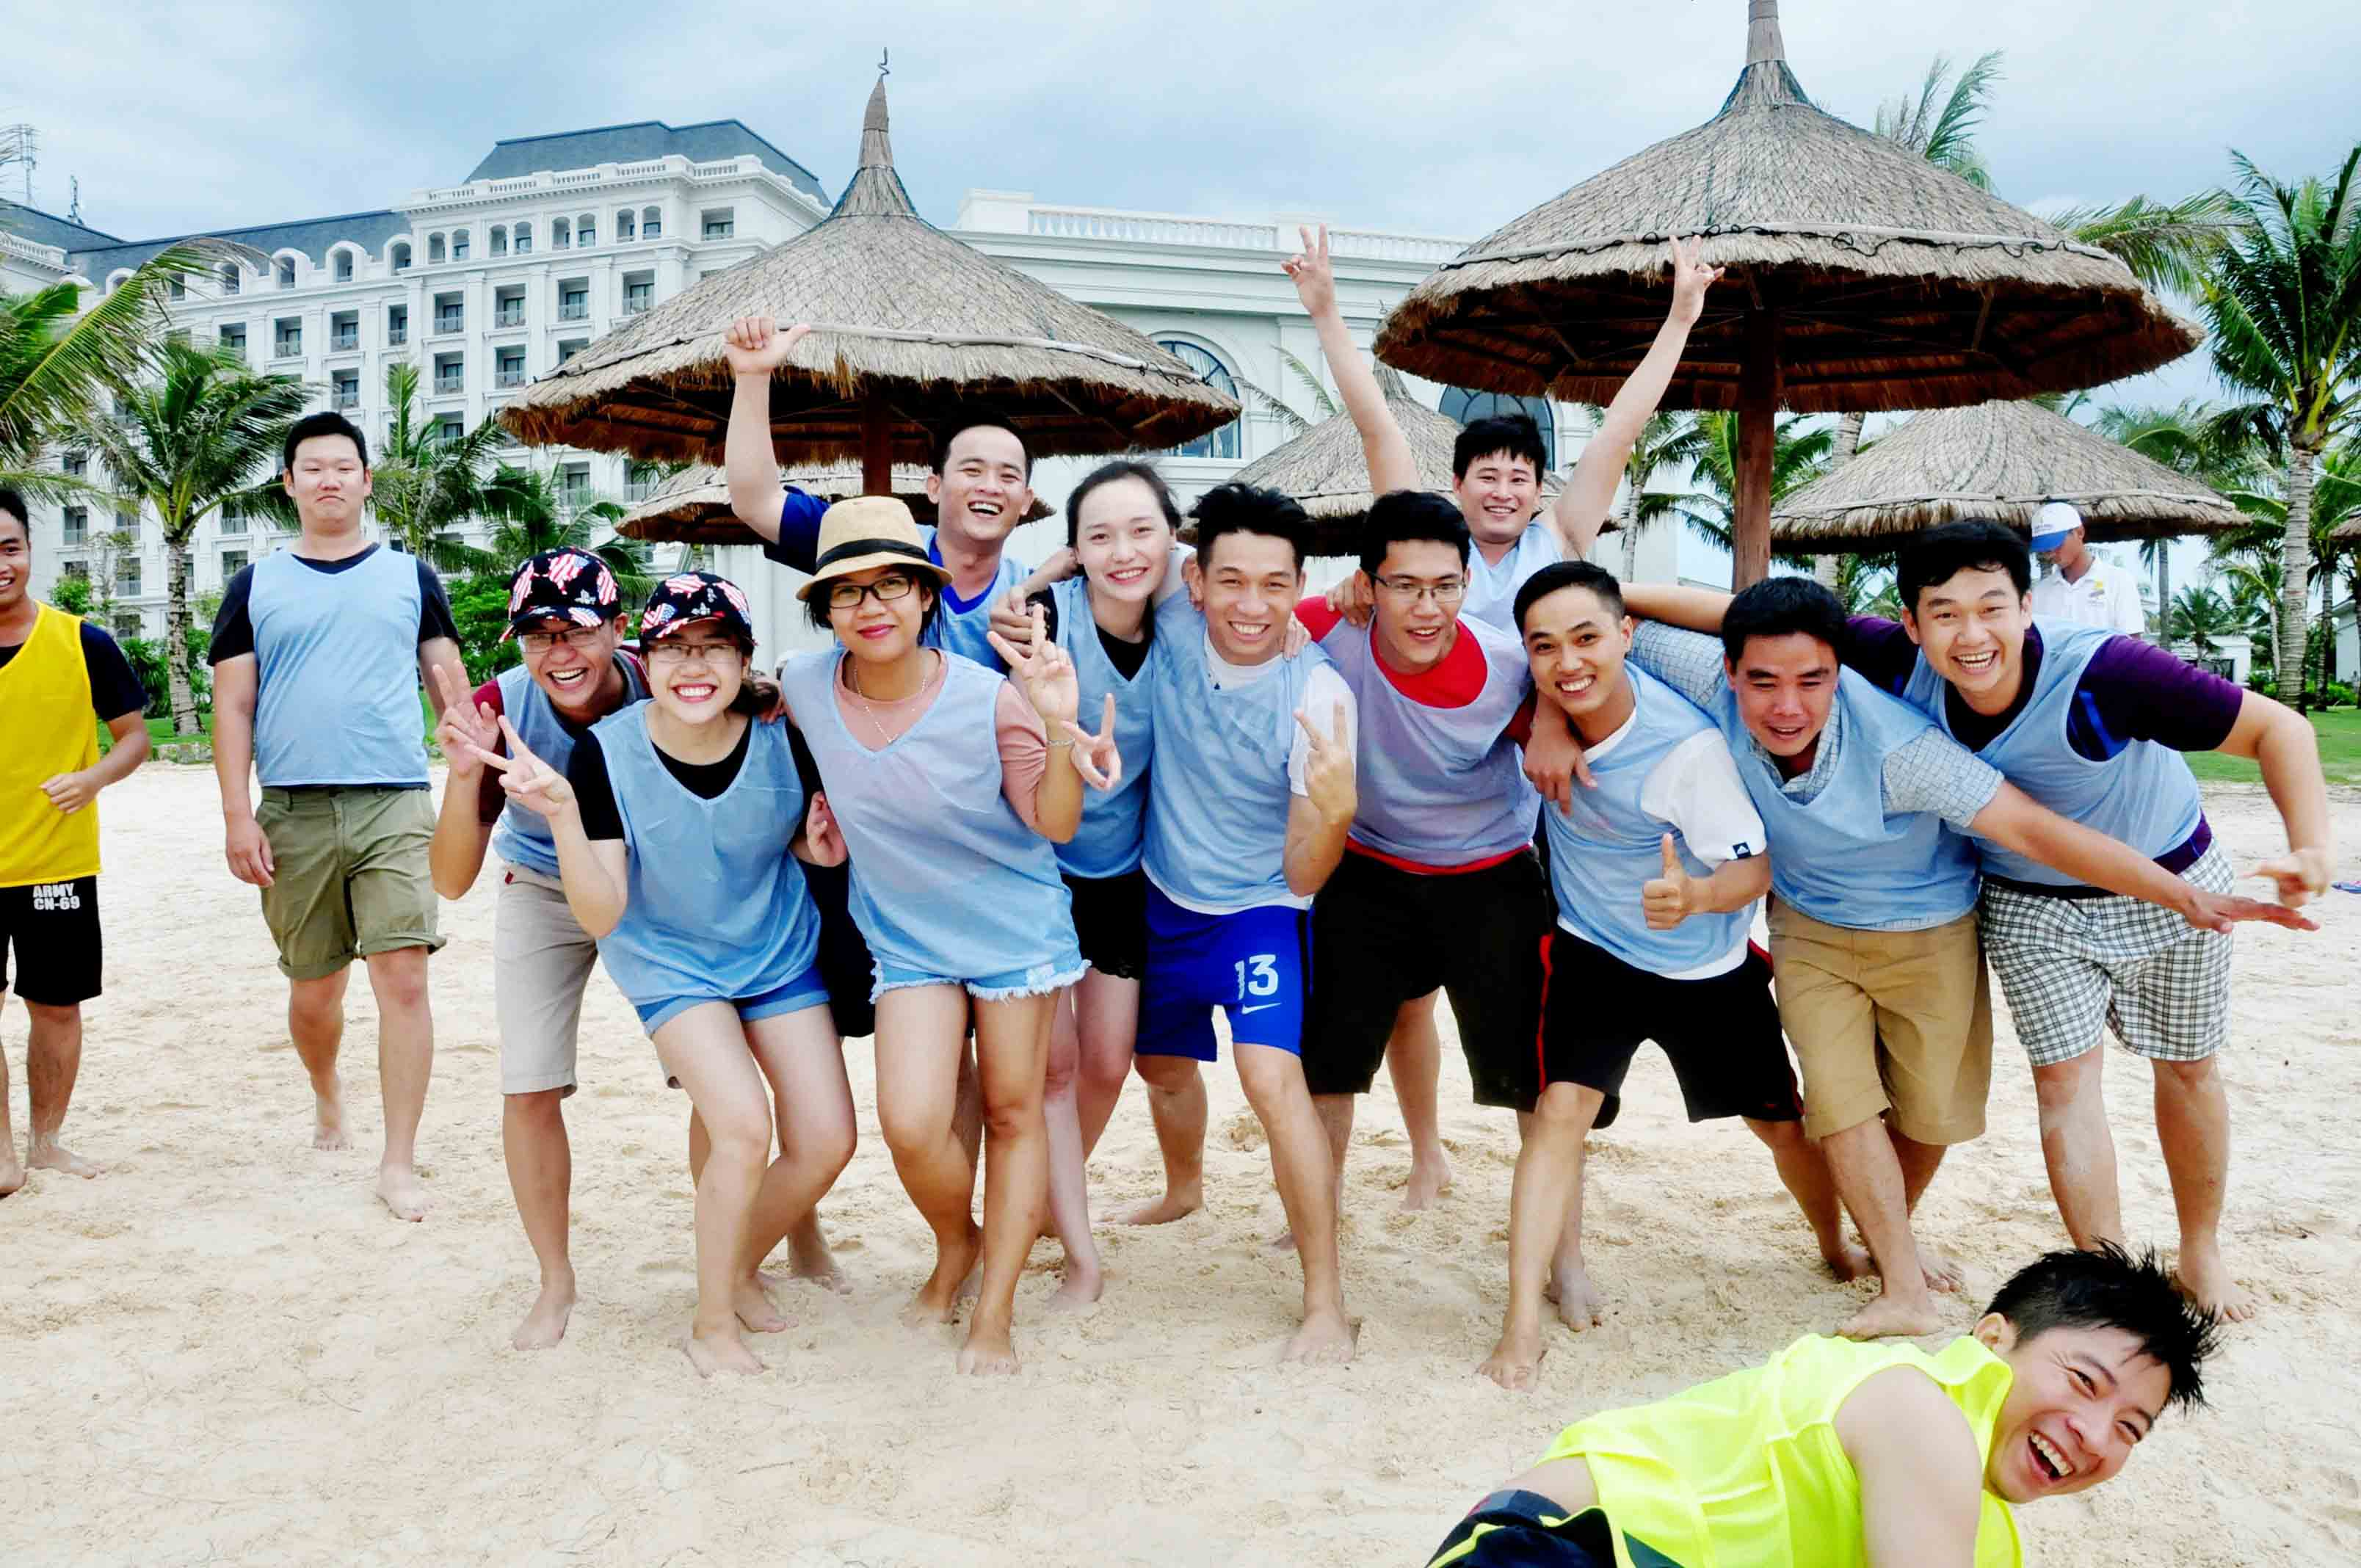 Hạo Phương du lịch nghỉ dưỡng tại Vinpearl Phú Quốc, ảnh 7